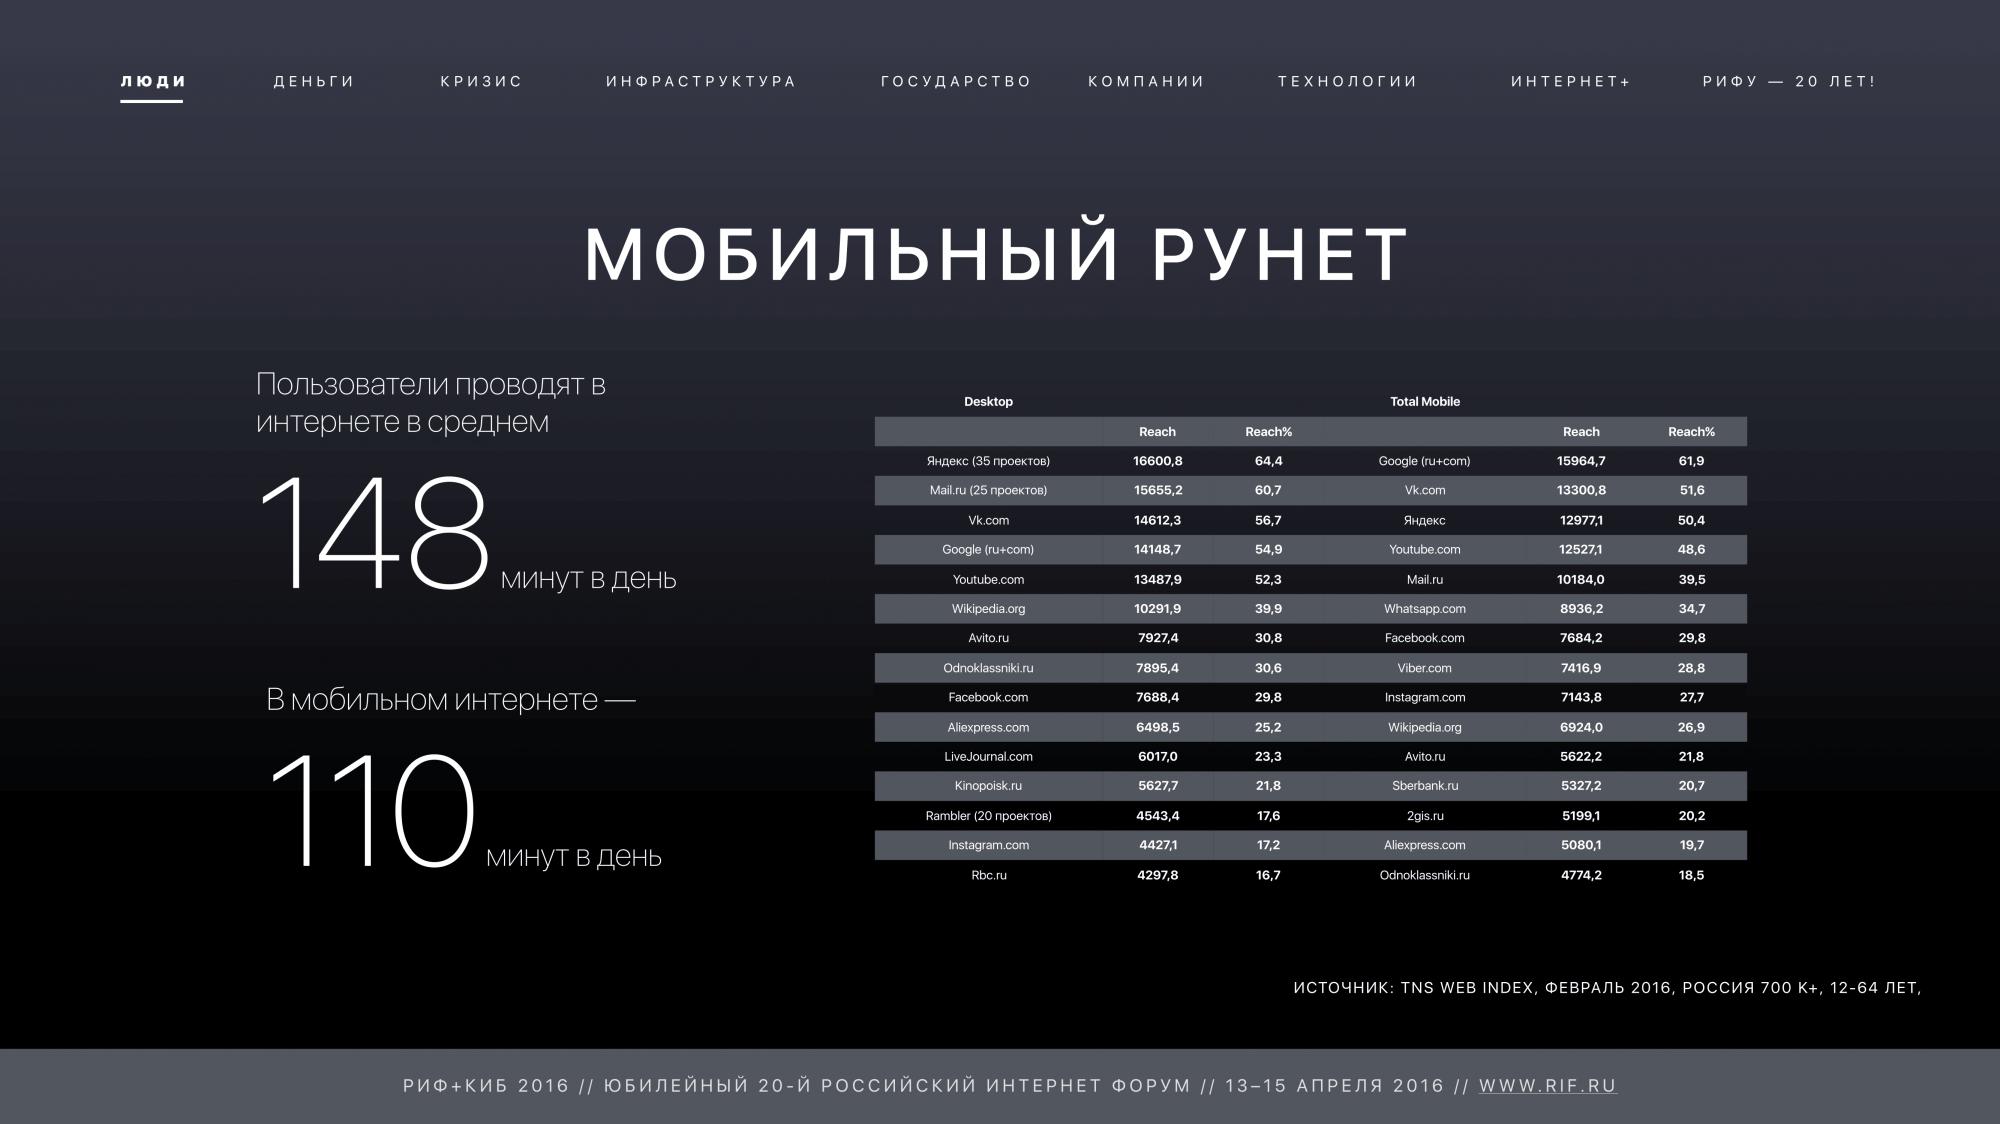 ВРунете уже 80,5 млн. пользователей